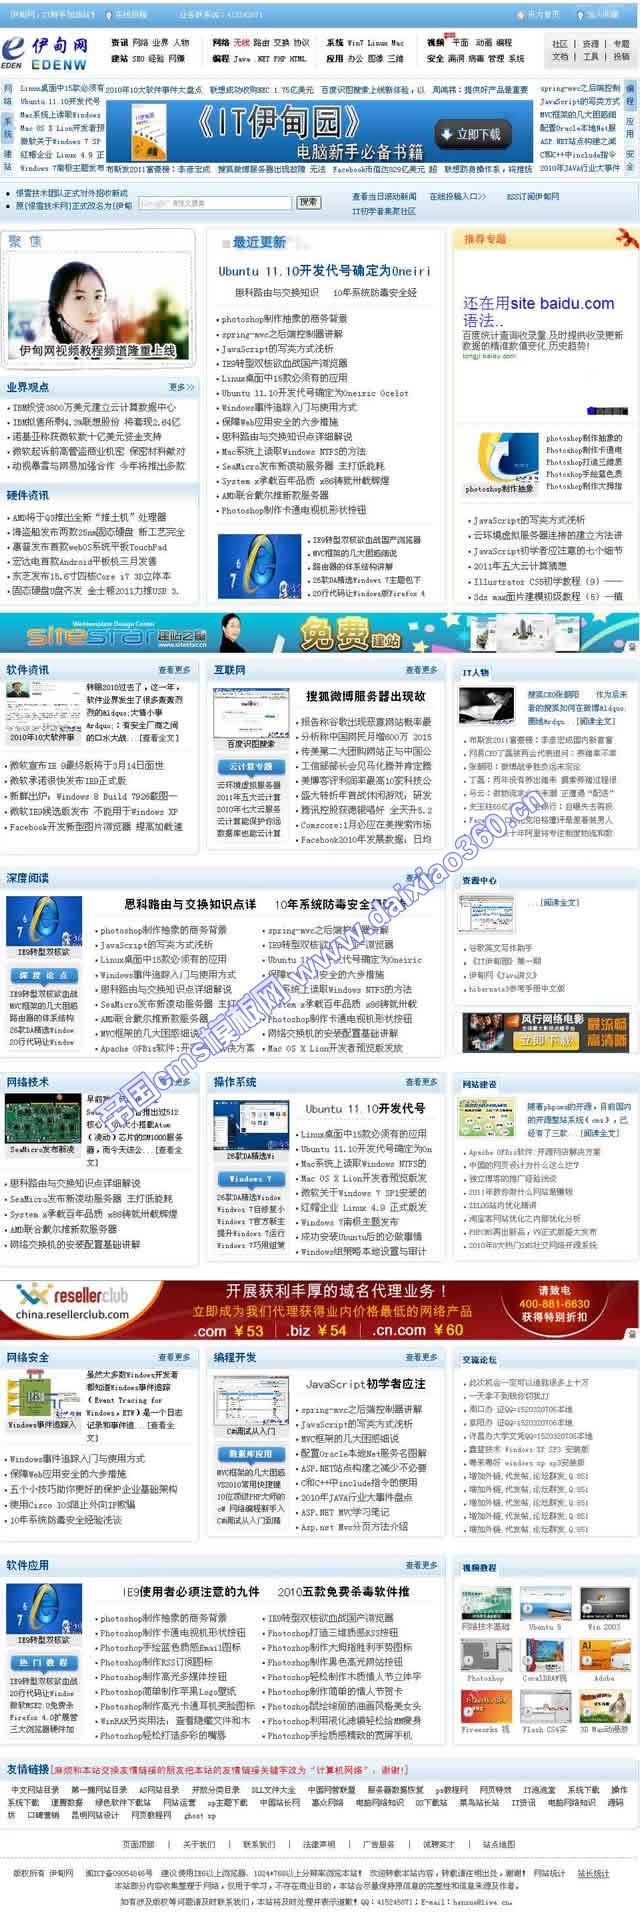 帝国cms资讯类模板